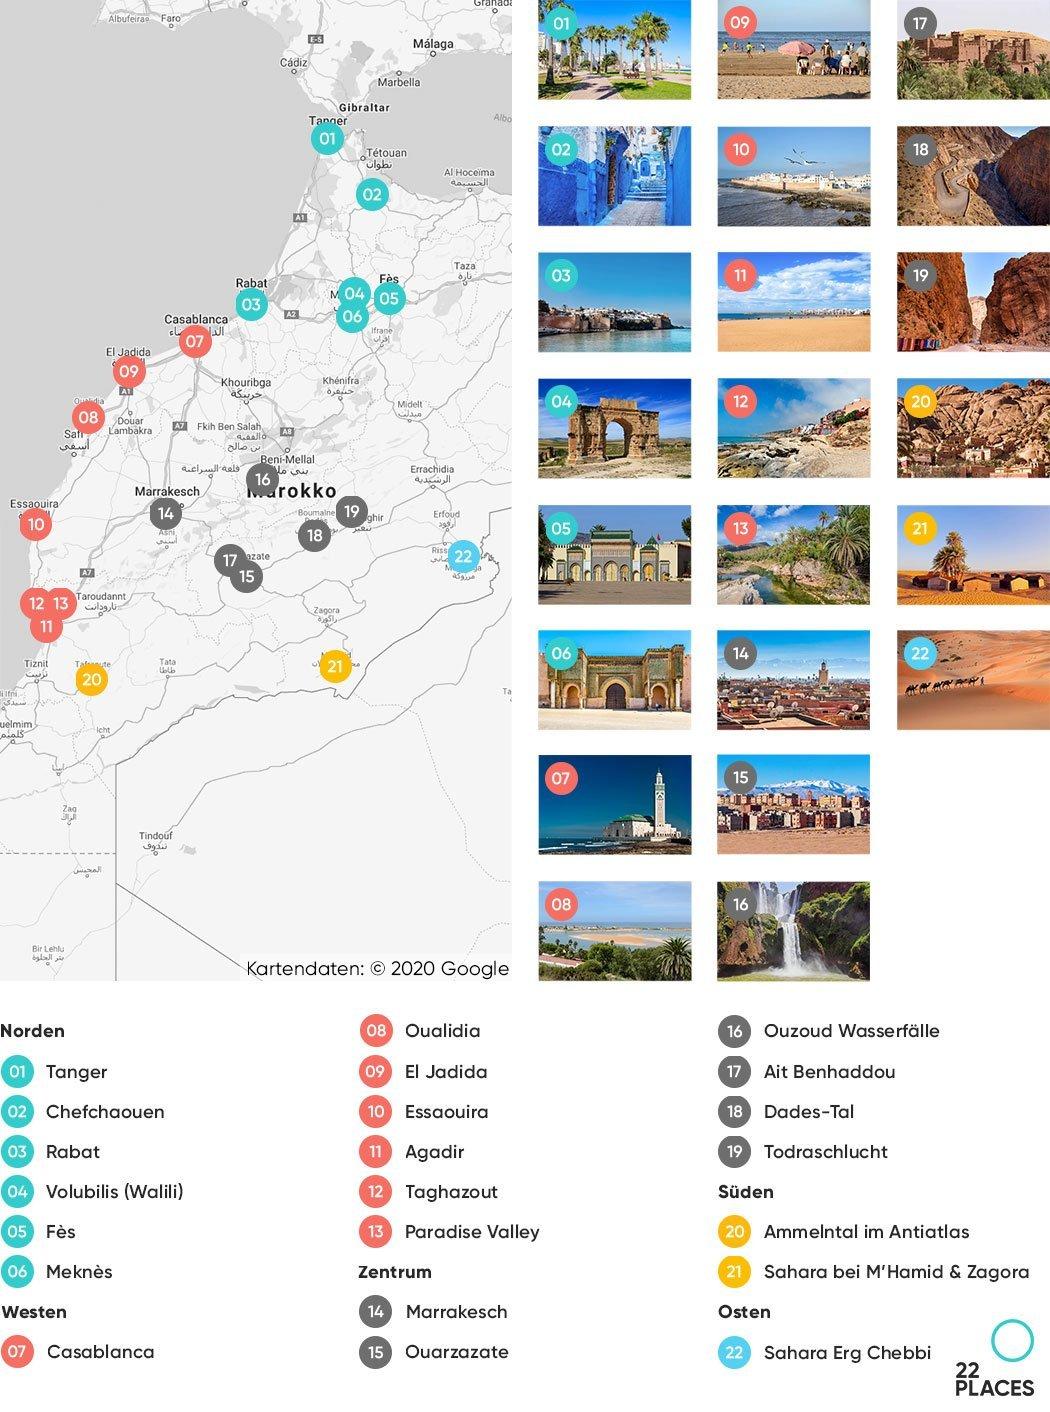 Marokko Sehenswürdigkeiten Karte